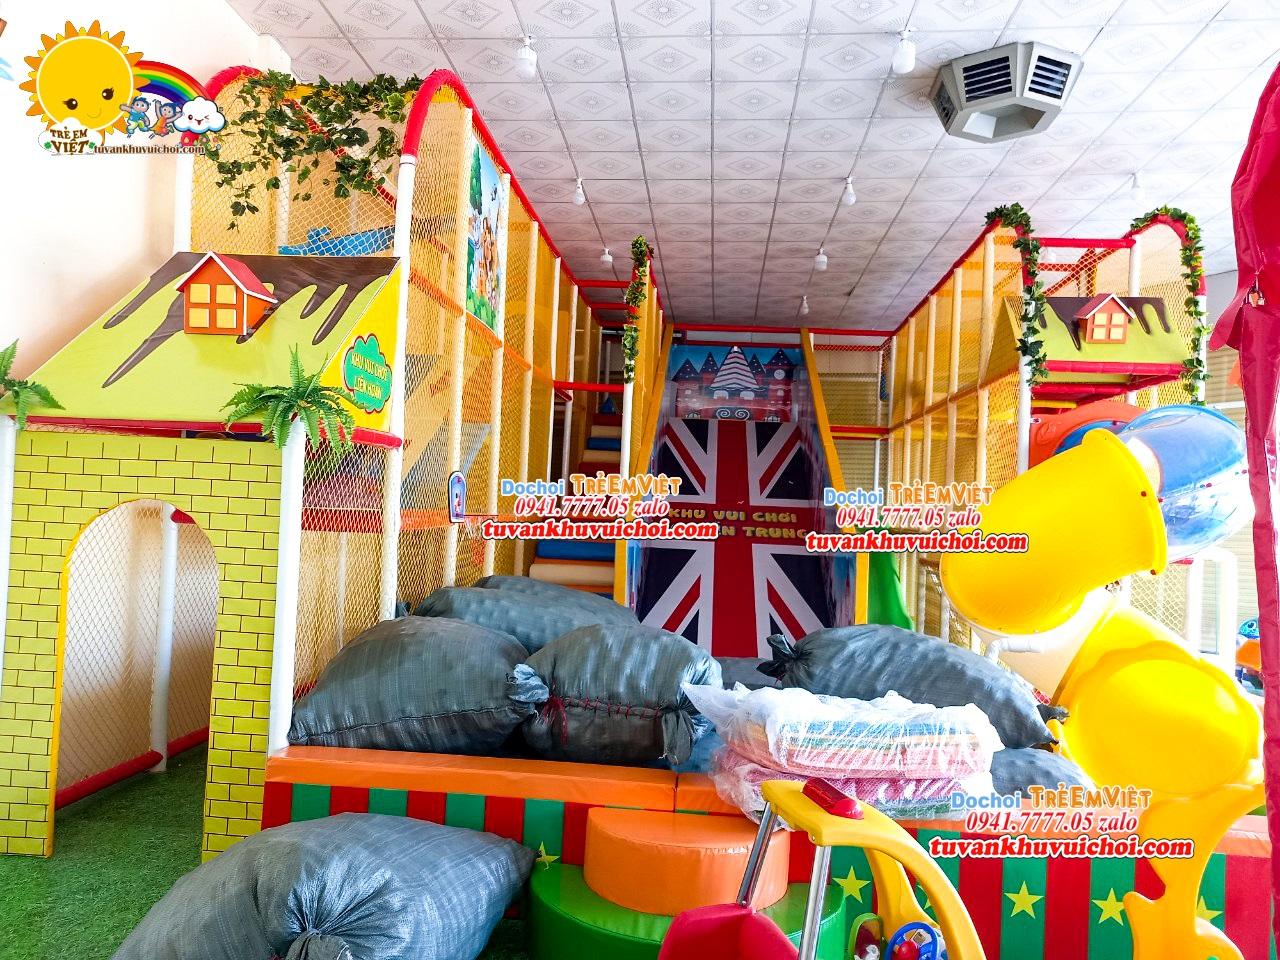 Thiết kế khu vui chơi trẻ em ở nông thôn.